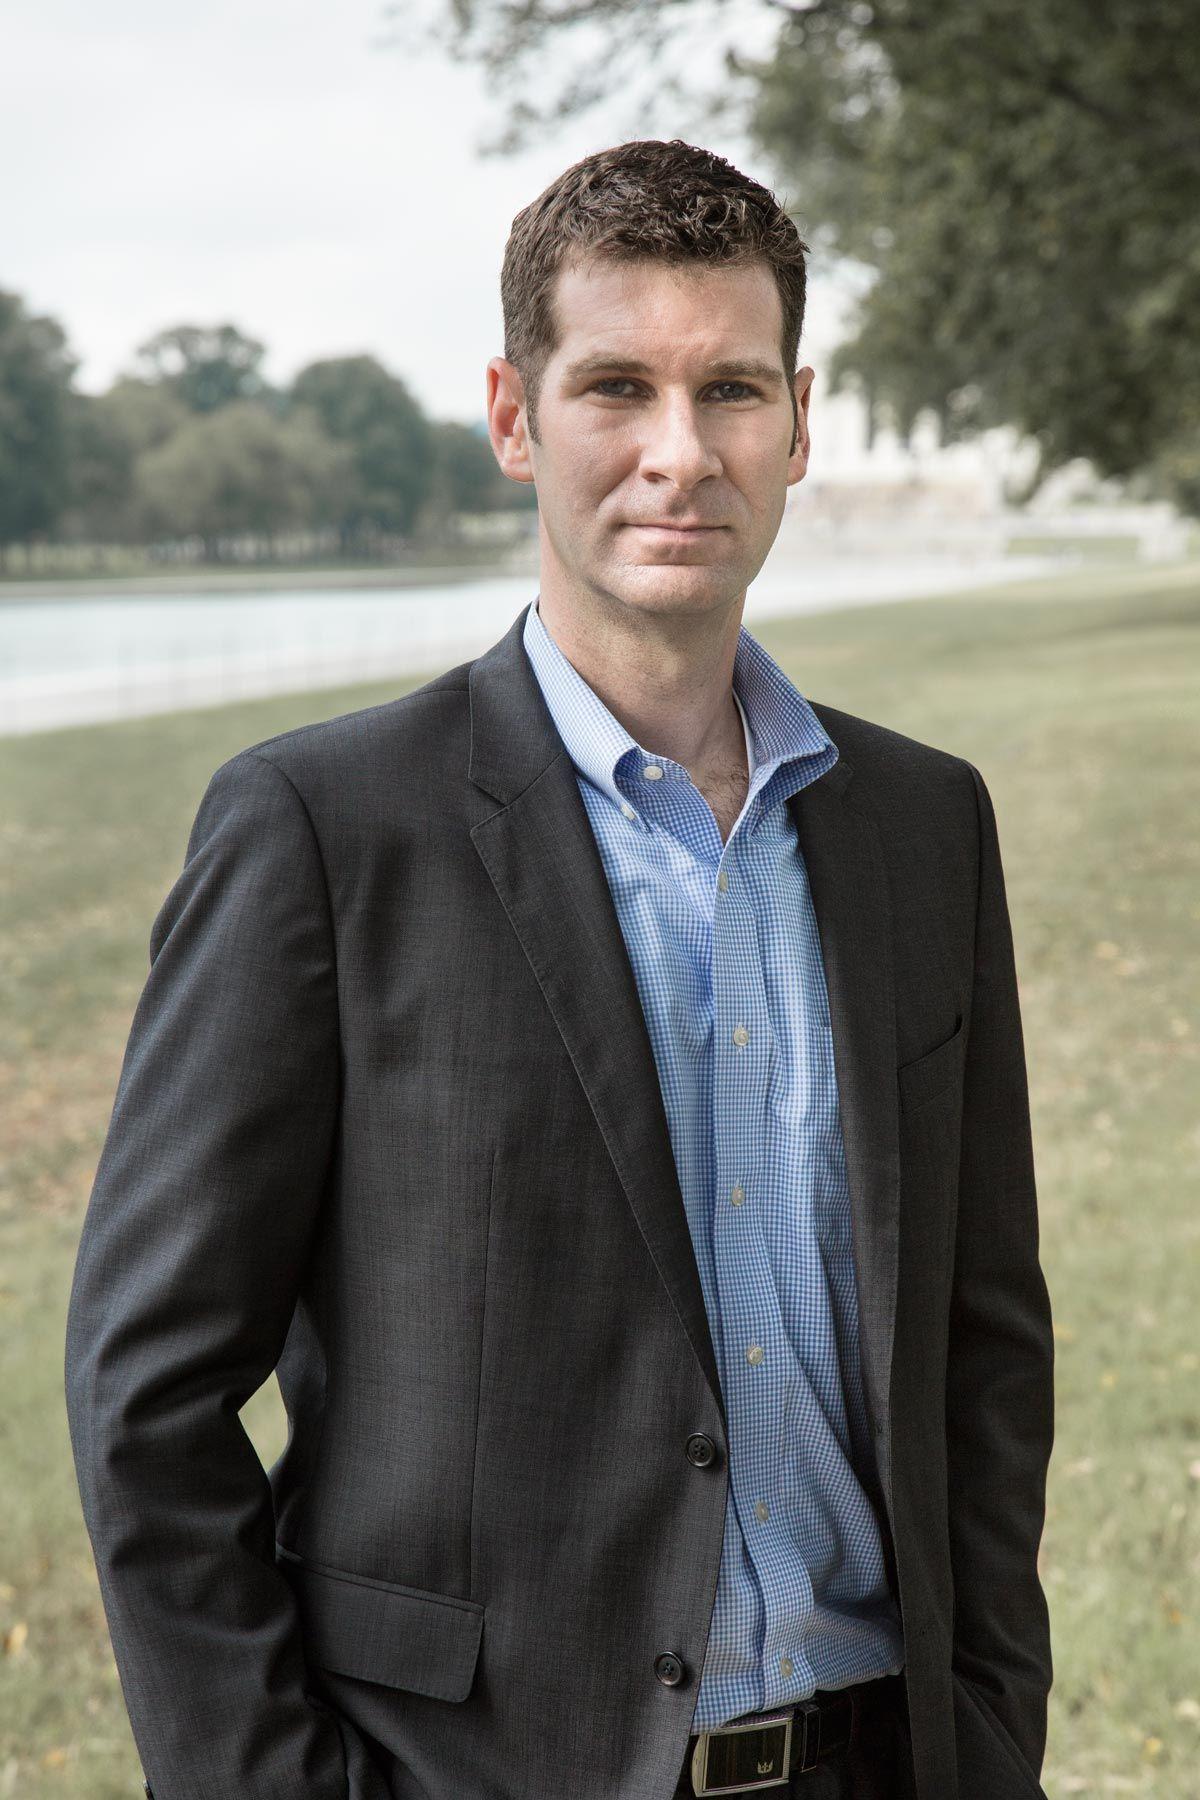 Dr. Peter W. Singer